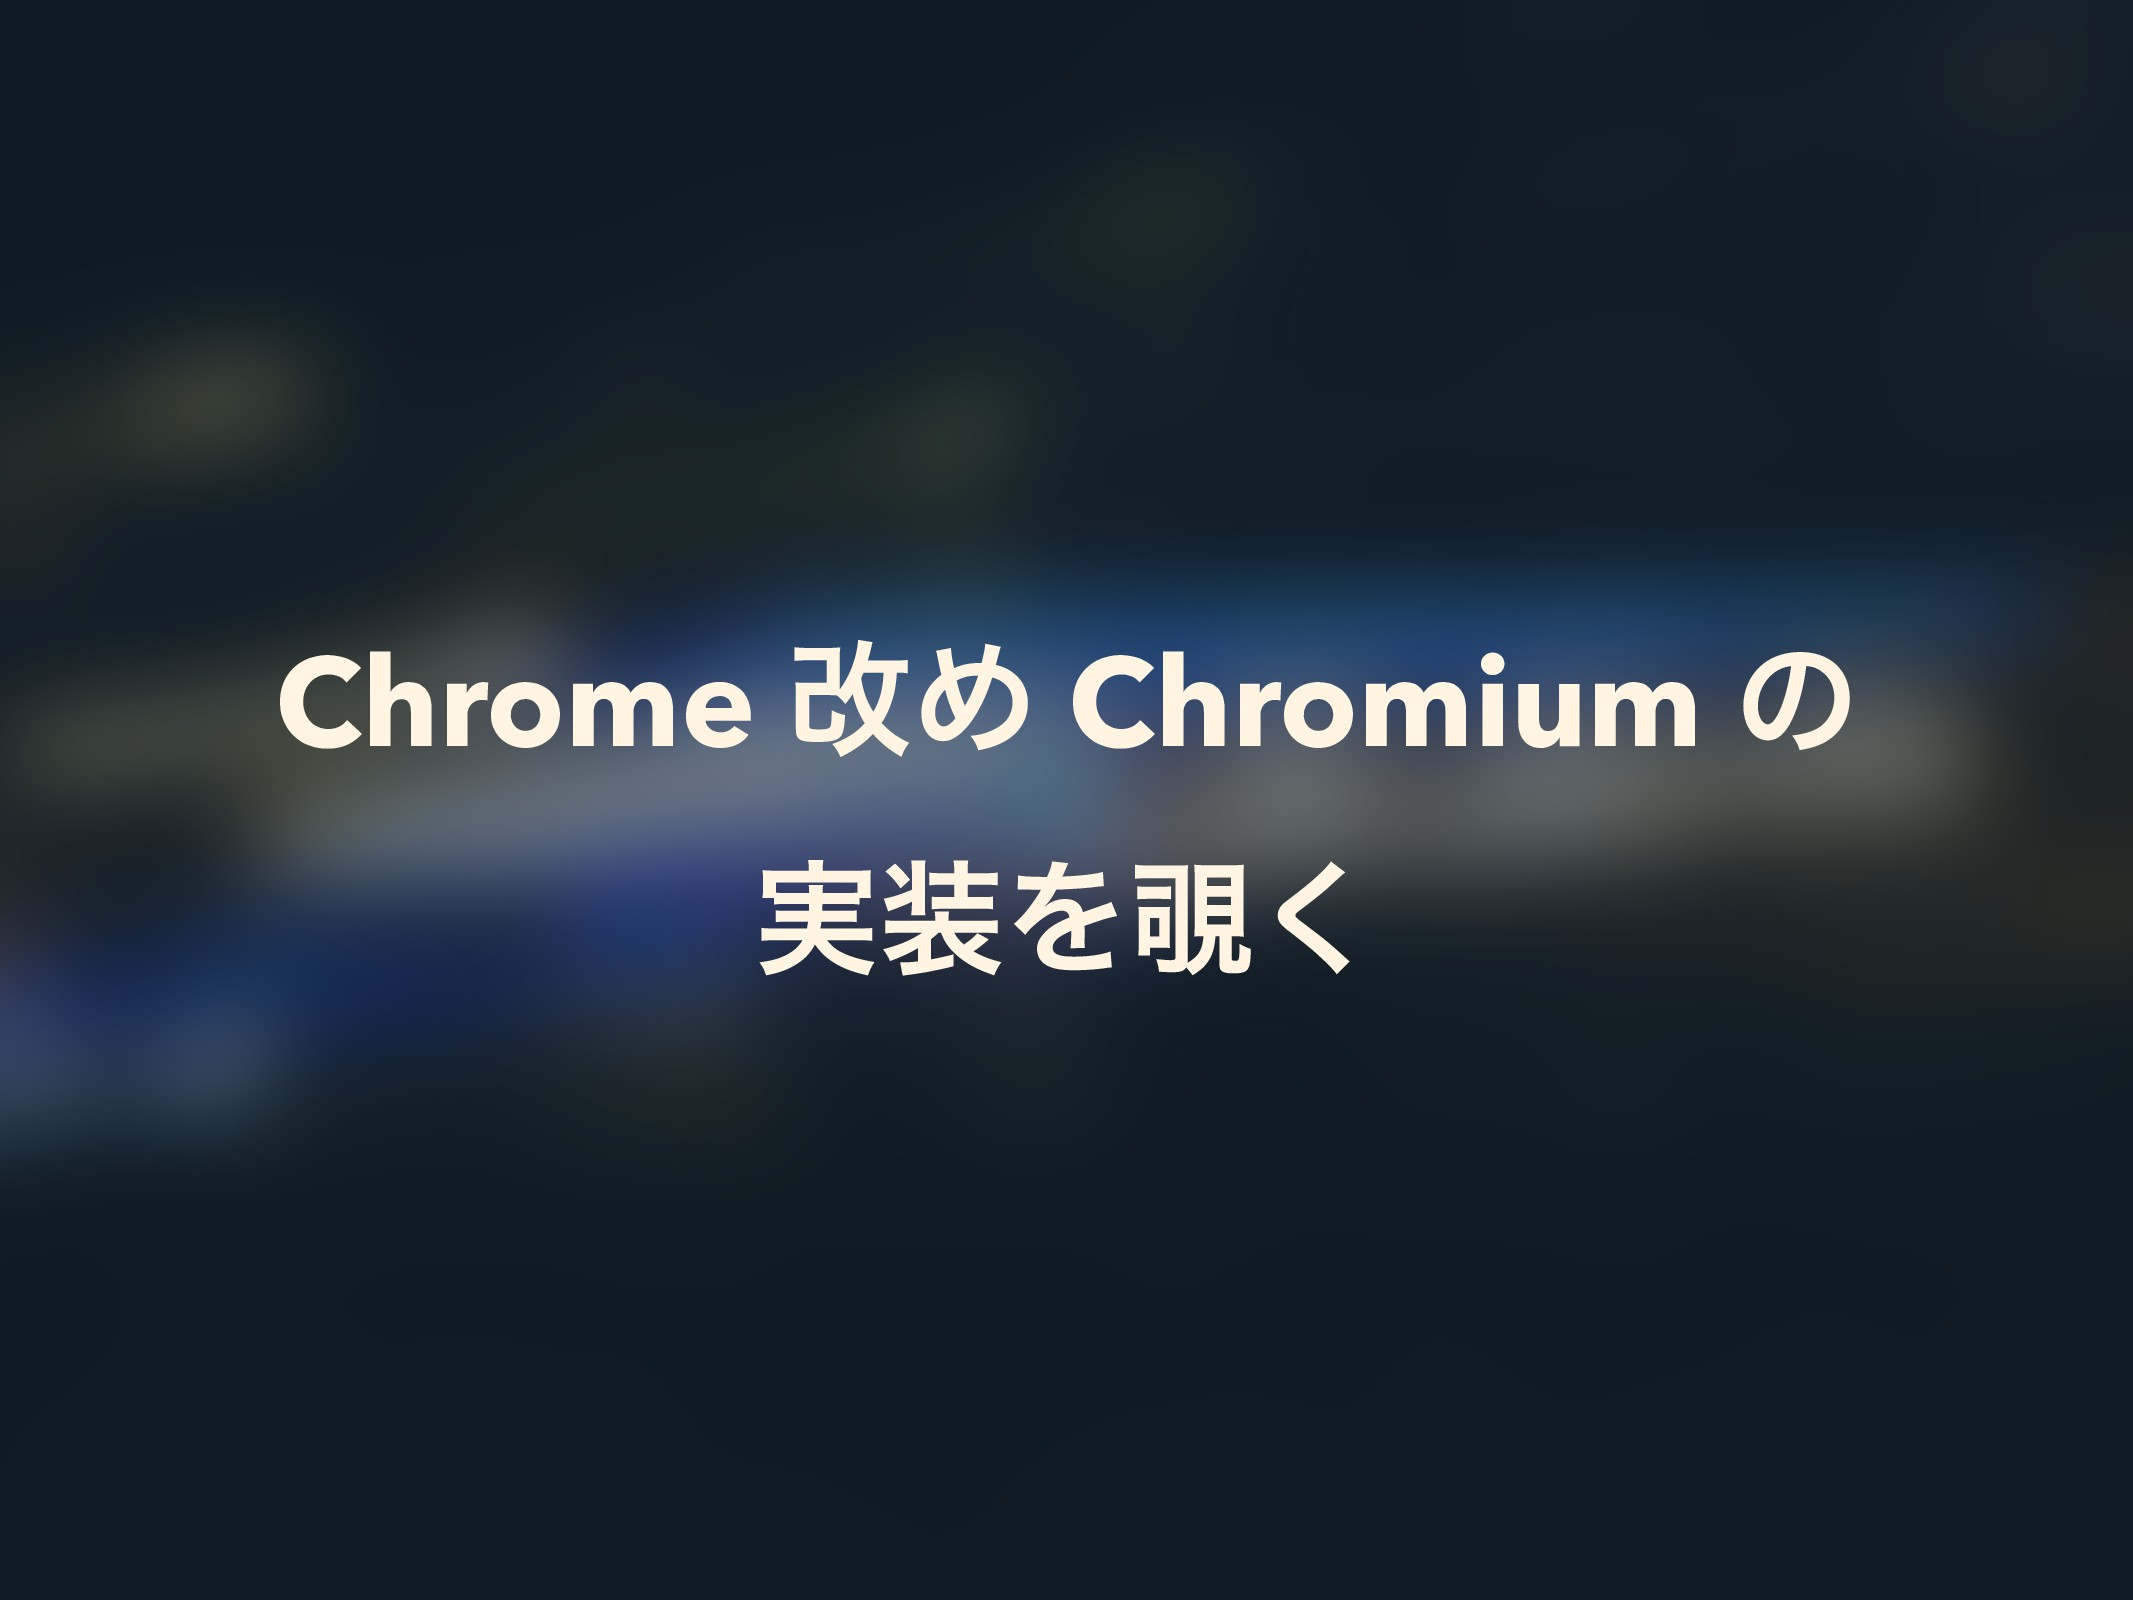 Chrome վΊ Chromium ͷ ࣮Λ͘